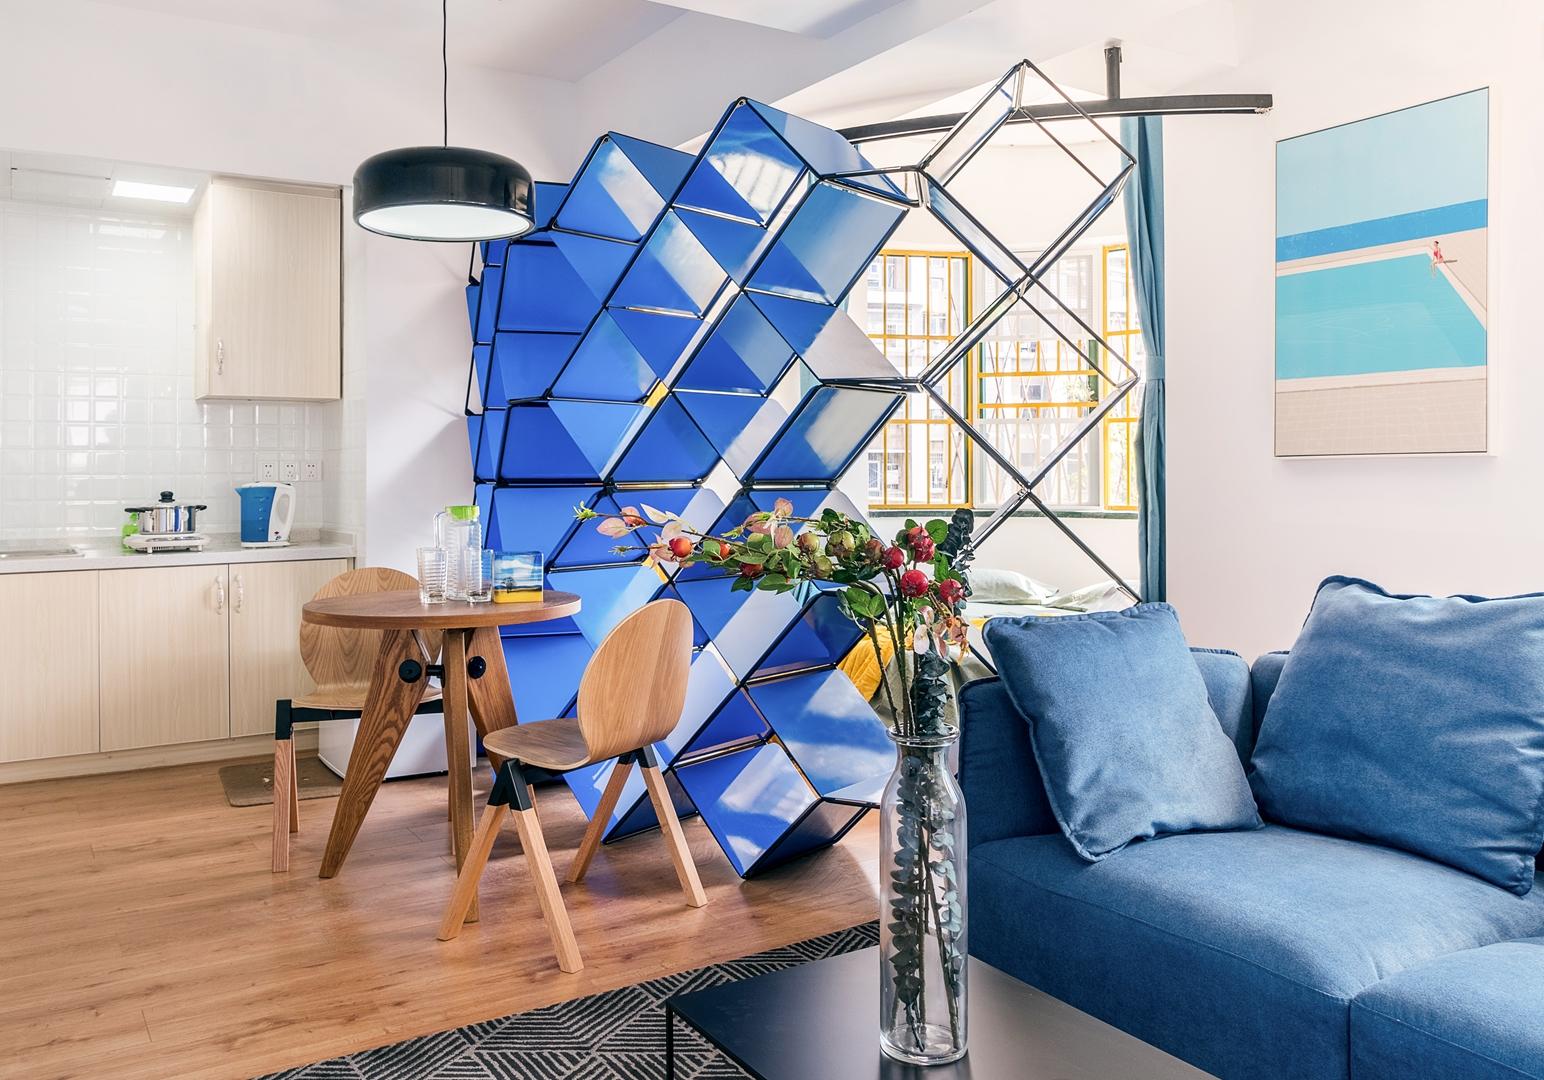 El azul clásico es el elegido por Pantone para ser el color del año 2020 11